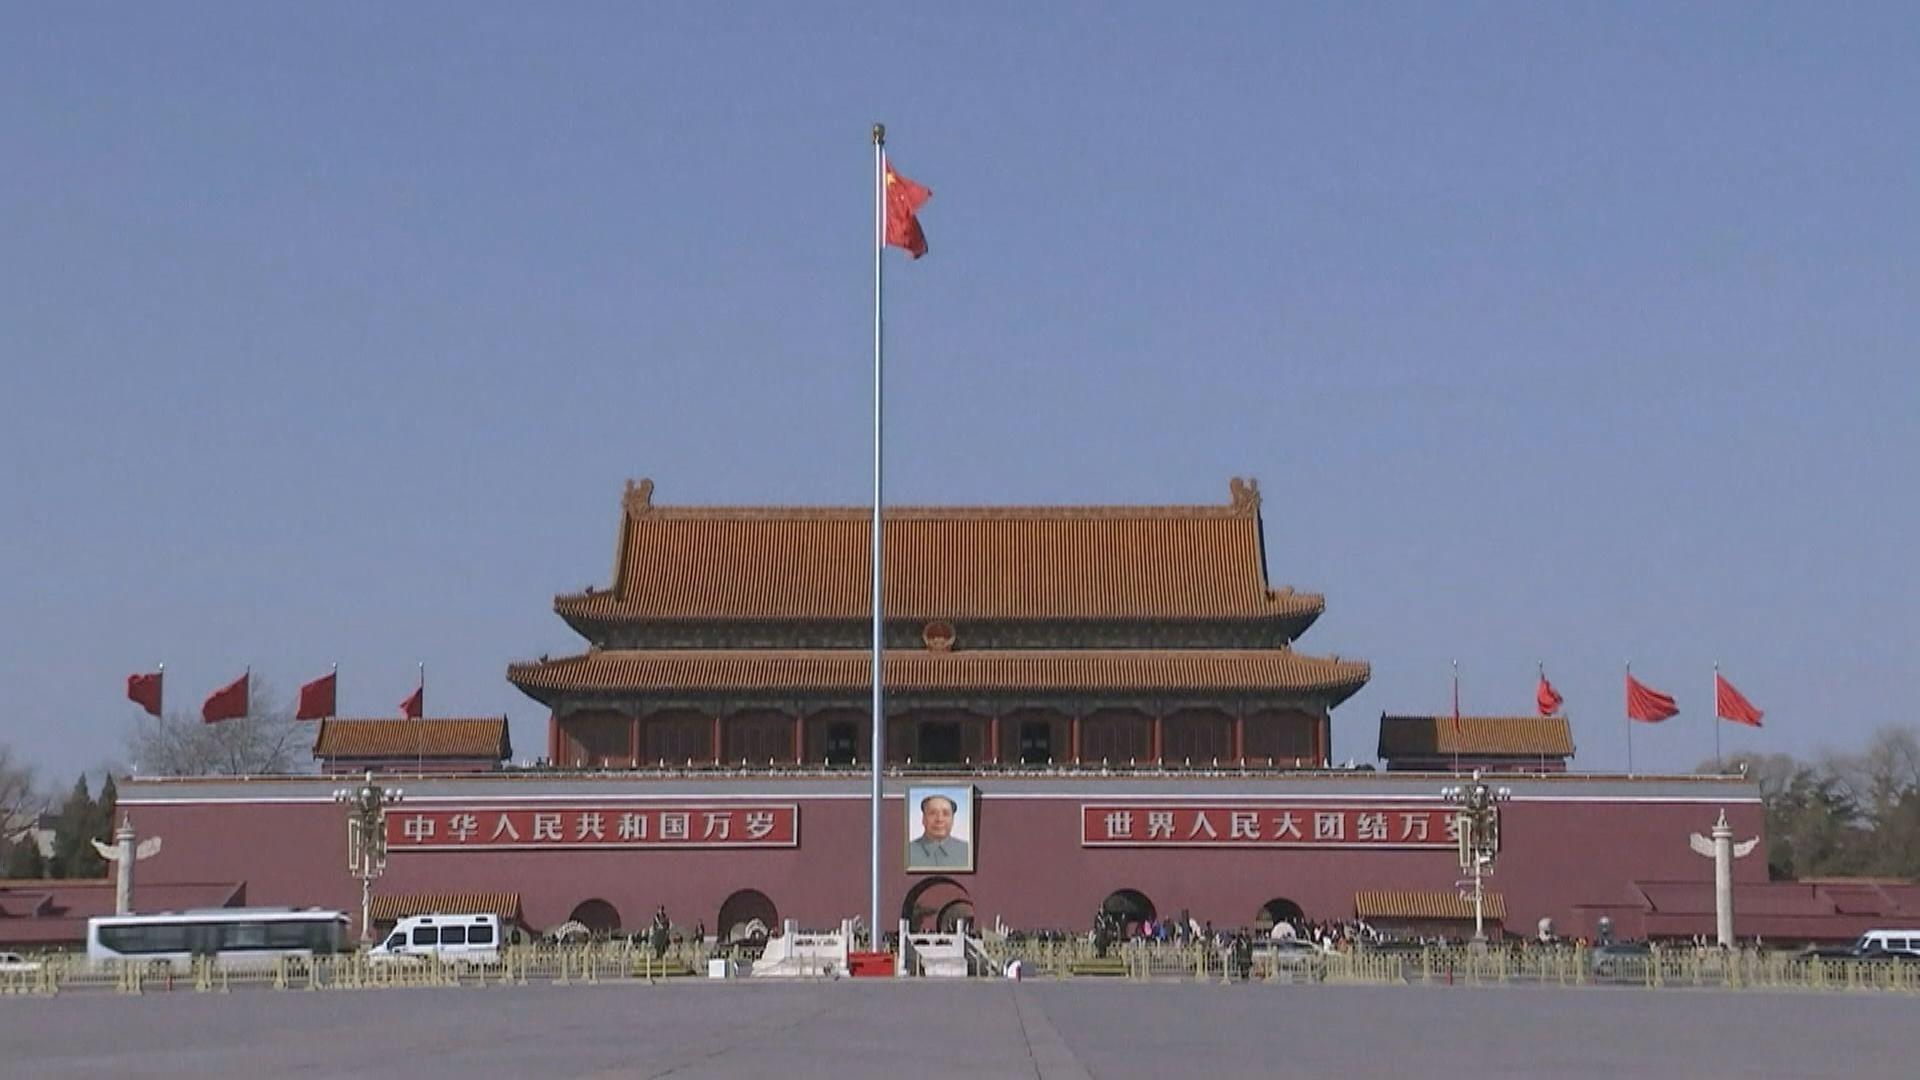 經參評論文章料中國2021年GDP增幅在8%左右